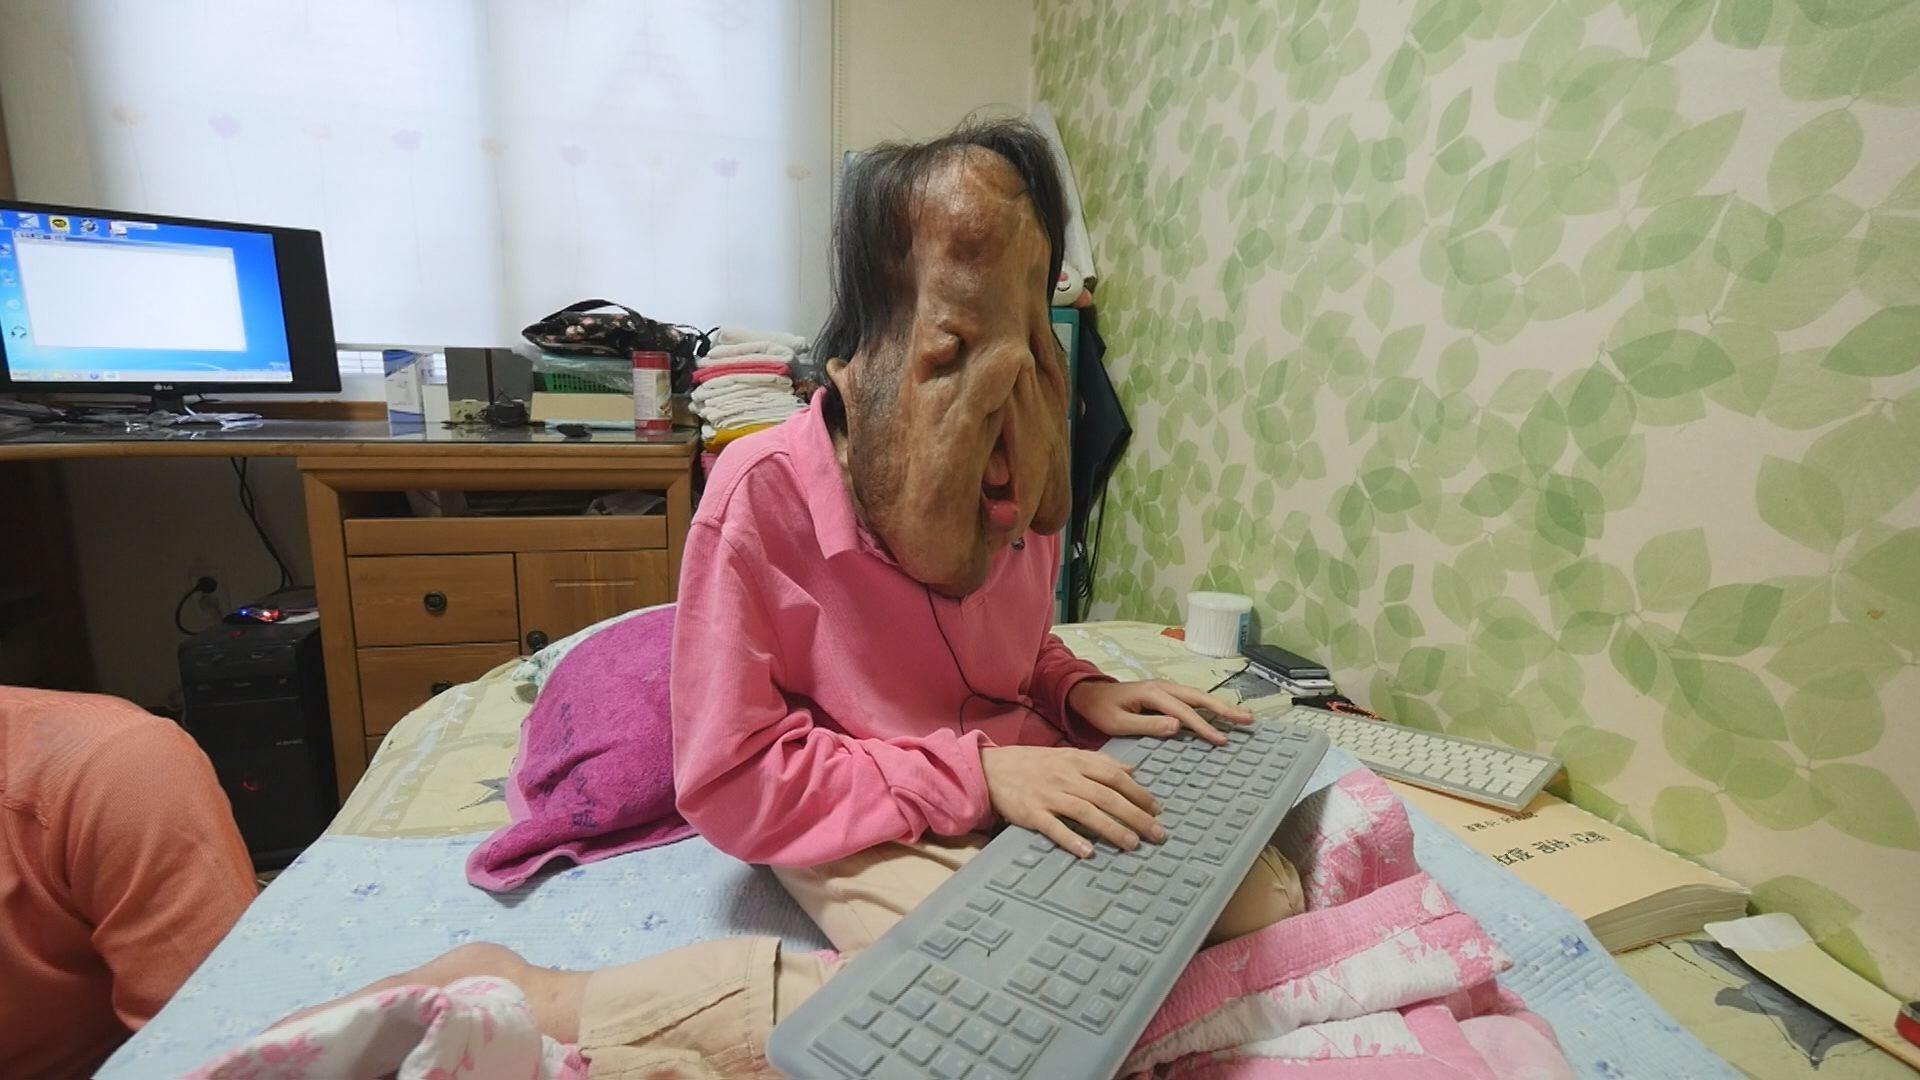 ▲▼沈玄熙只能用鍵盤打字來與家人溝通(圖/翻攝自NADOFUNDING)